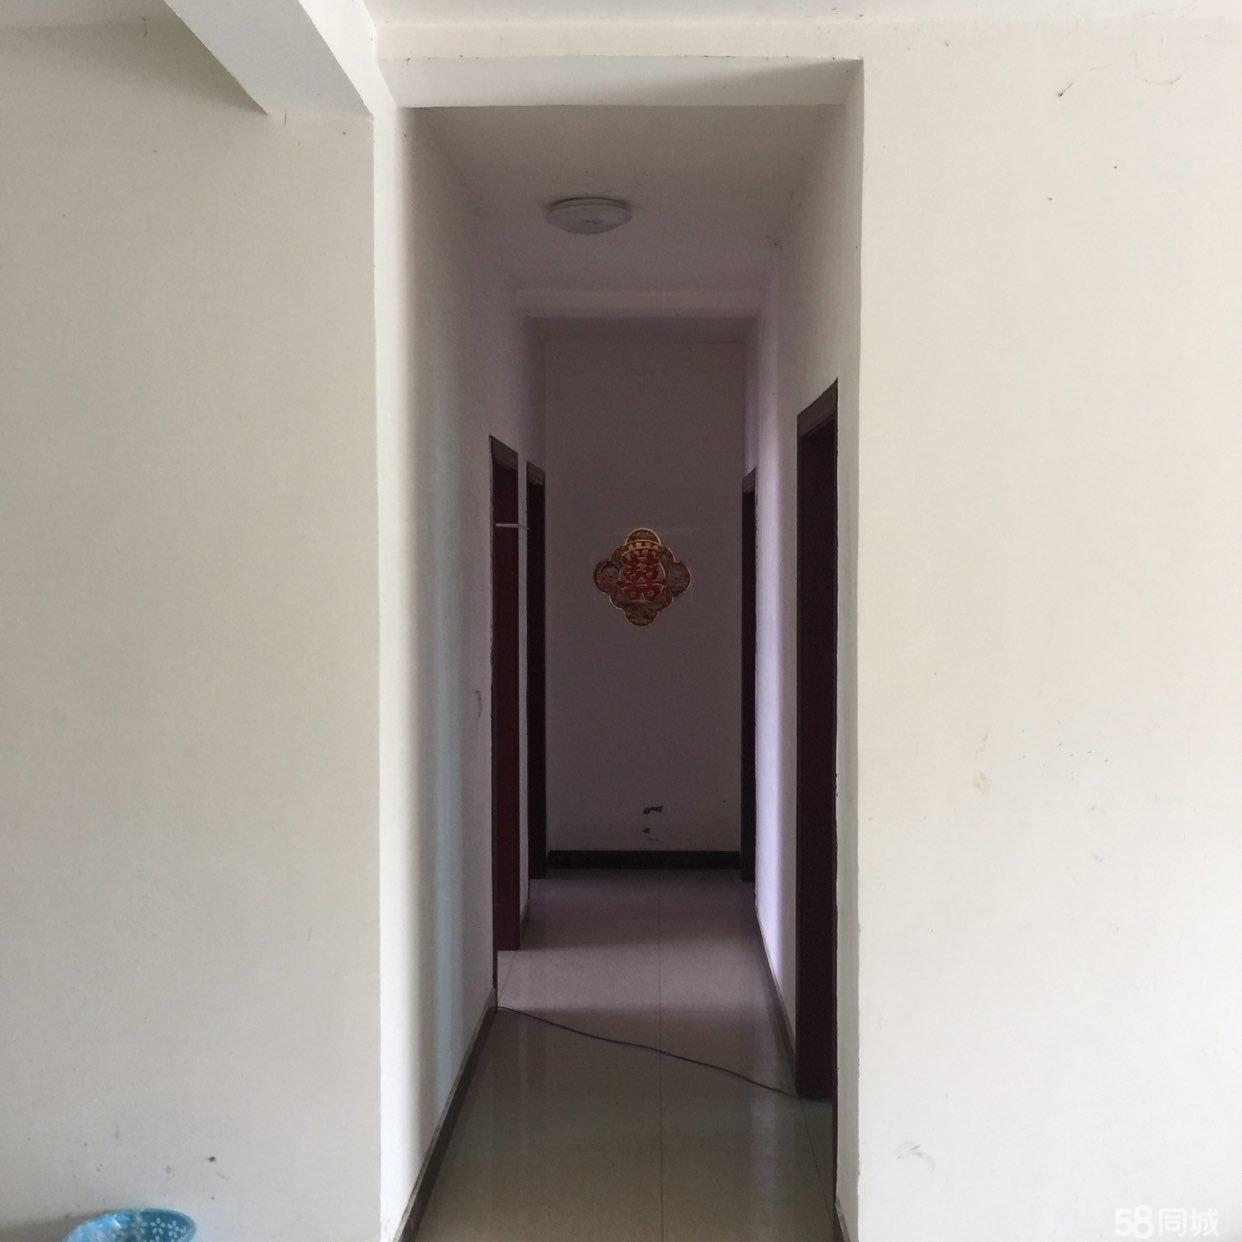 恩阳柳林镇阳光花园4室2厅2卫